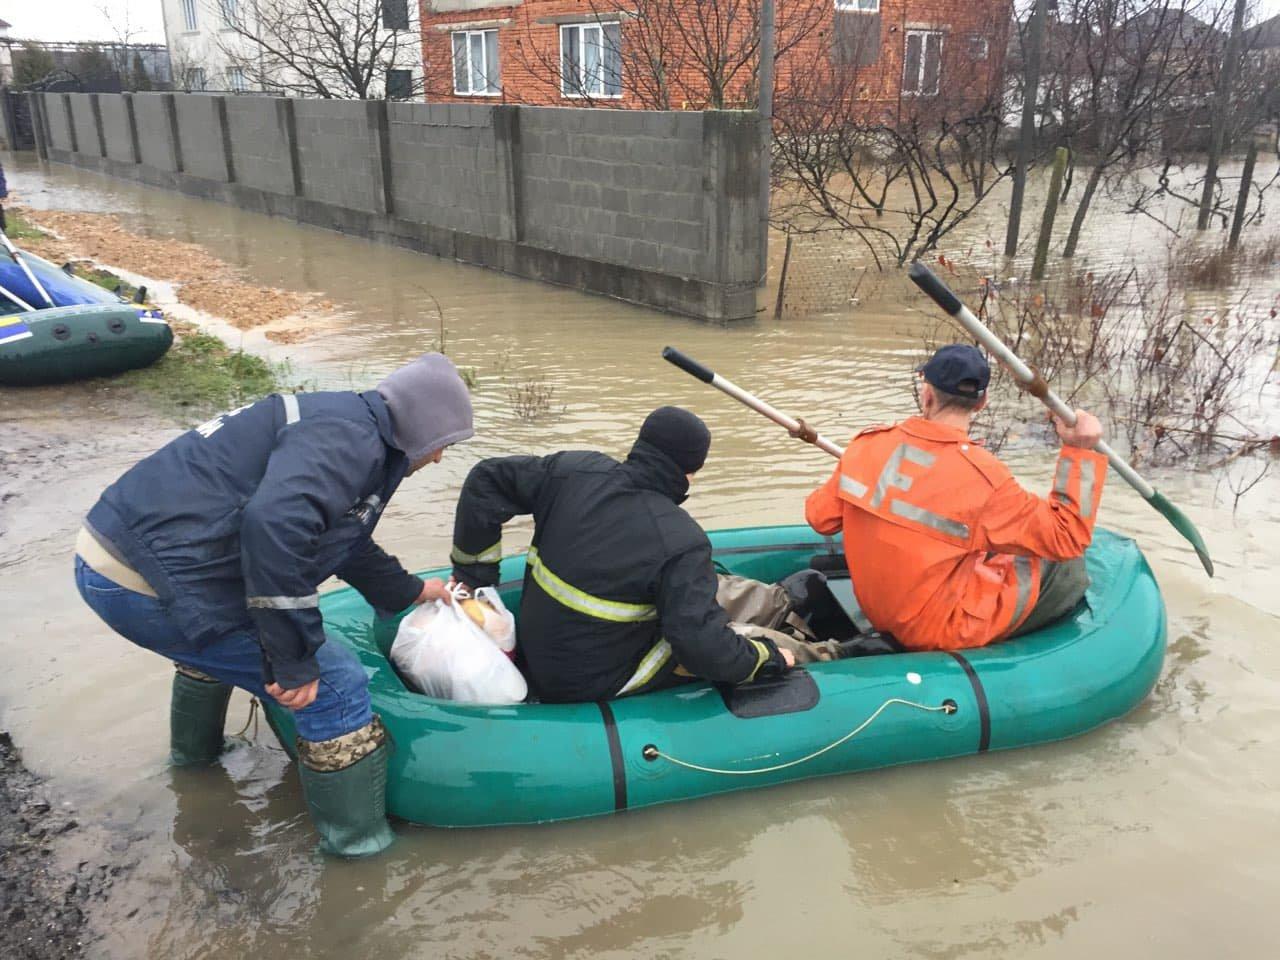 Ситуація стабілізувалася: на Закарпатті човнами евакуювали людей, постраждалих від паводку (ФОТО, ВІДЕО), фото-10